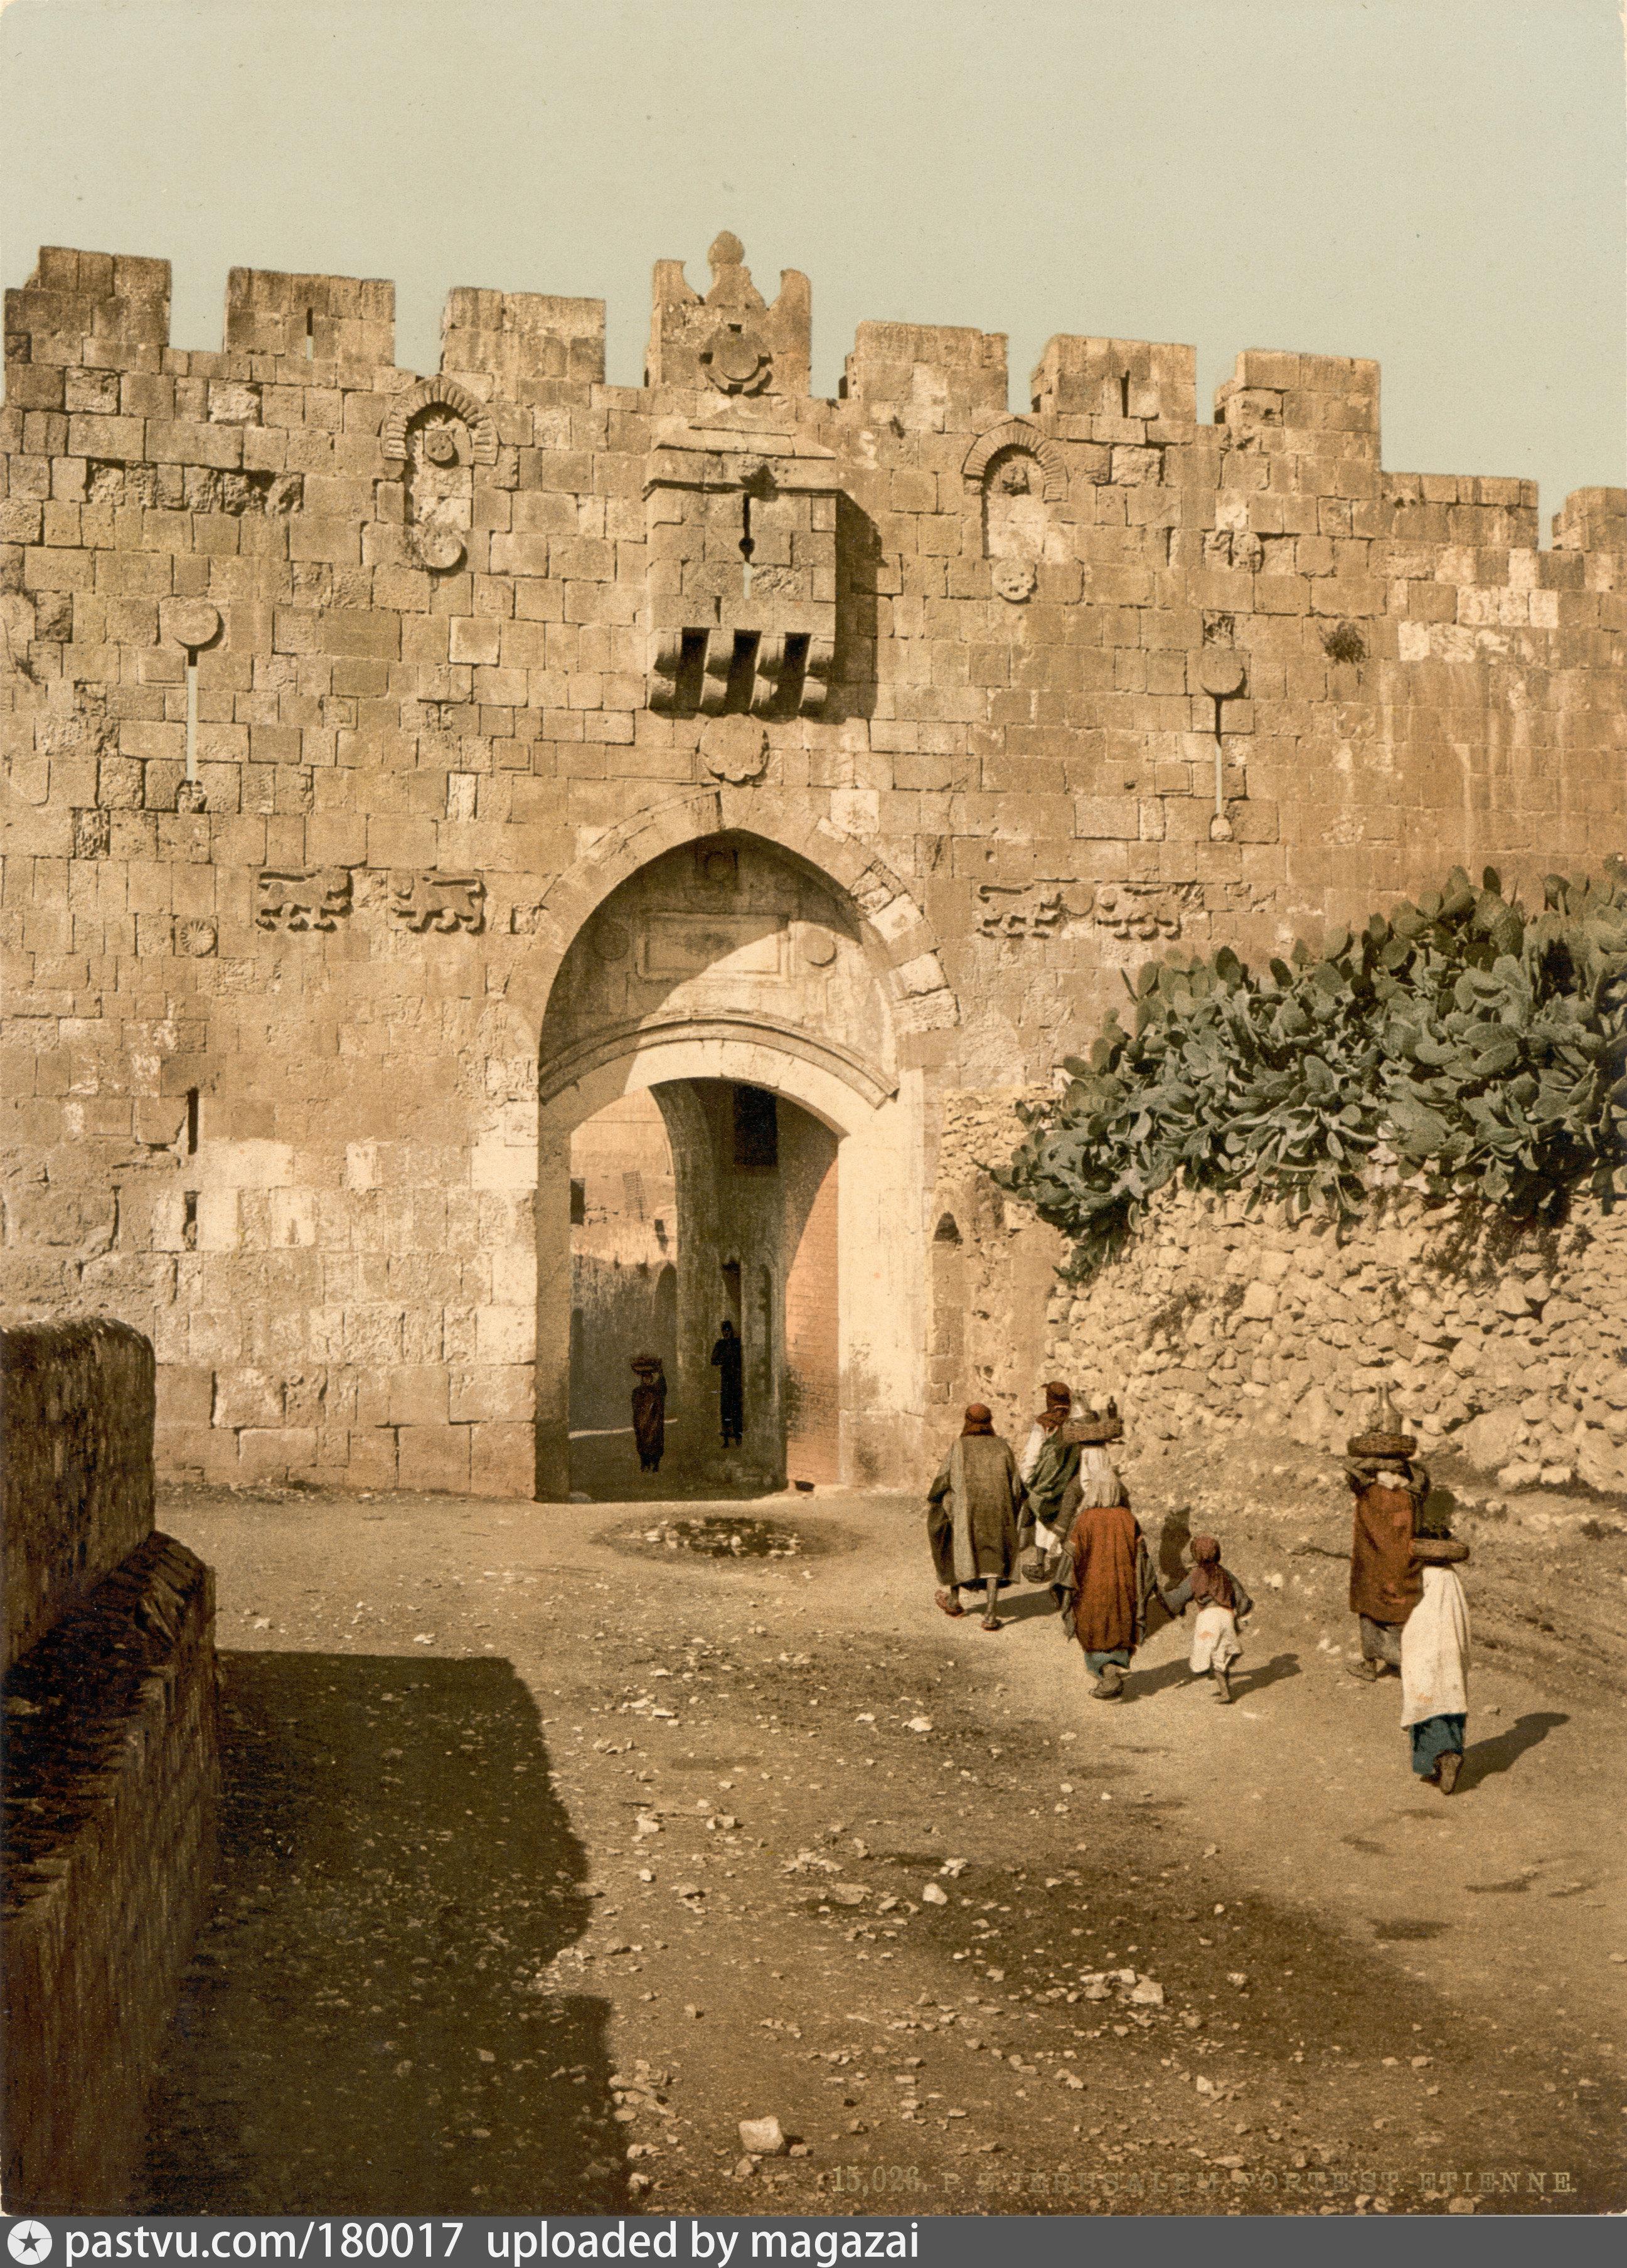 Dating sites in jerusalem